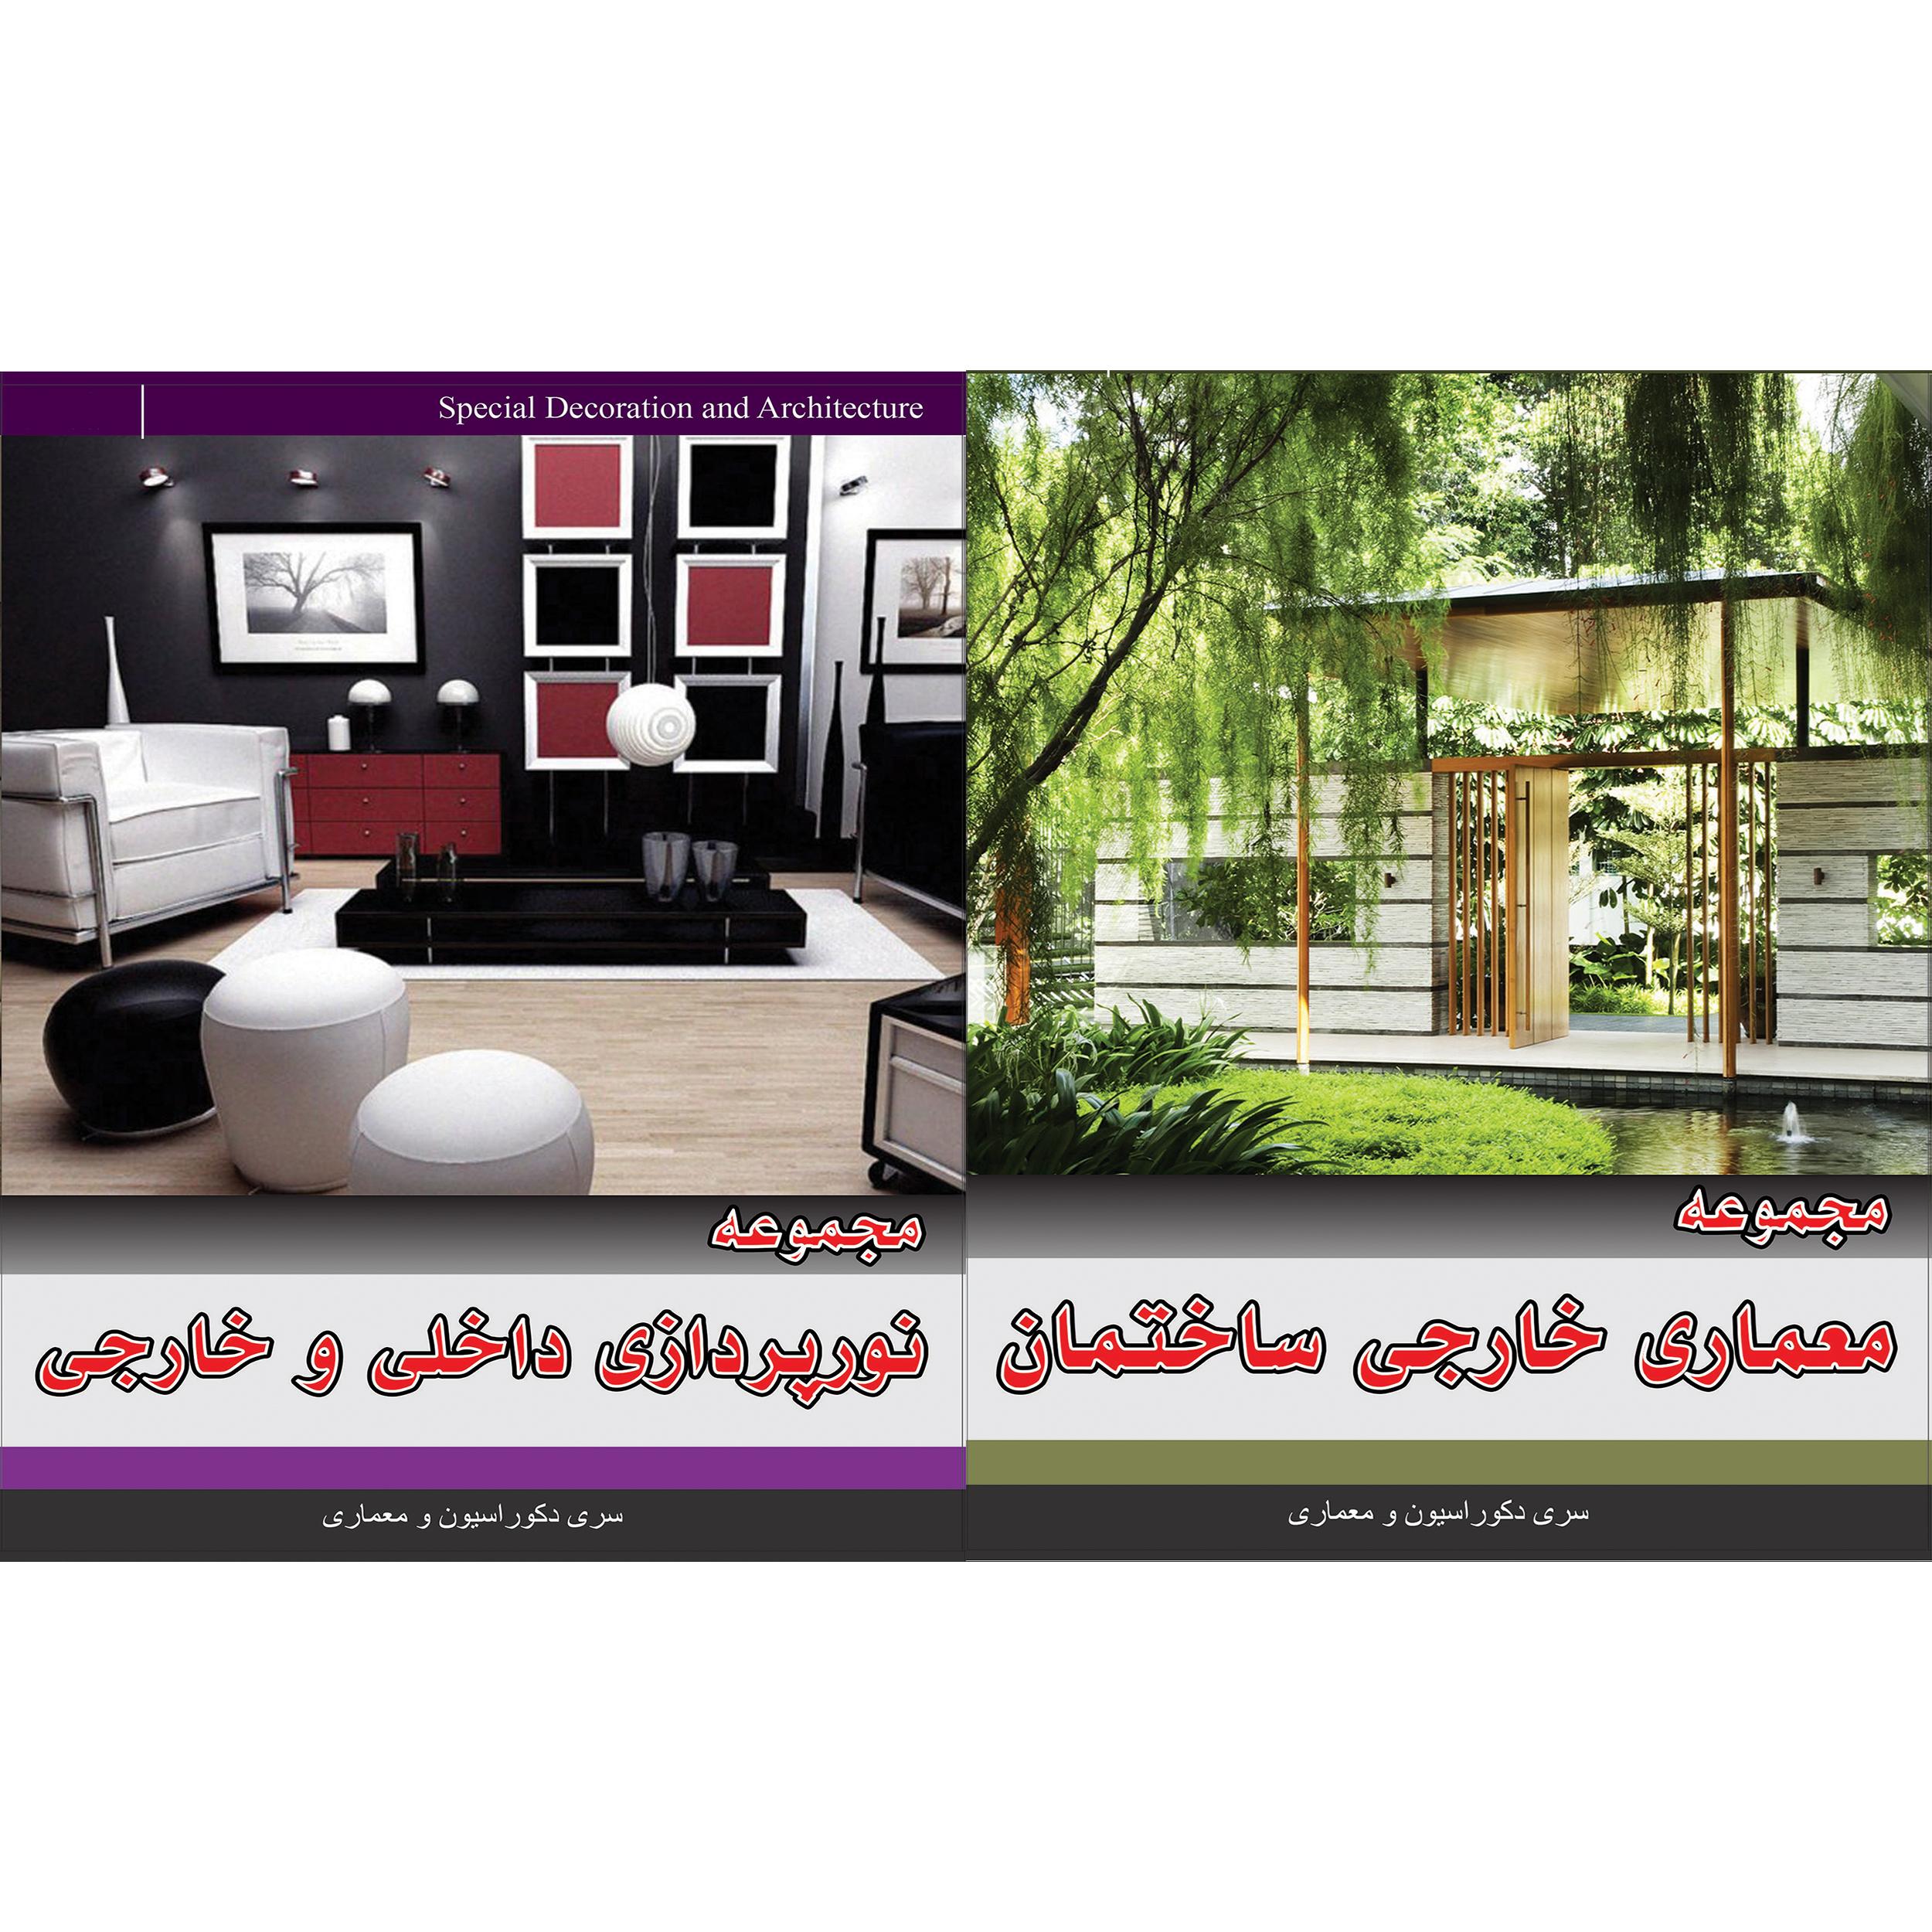 مجموعه تصاویر معماری خارجی ساختمان نشر جی ای بانک به همراه مجموعه تصاویر نورپردازی داخلی و خارجی نشر جی ای بانک